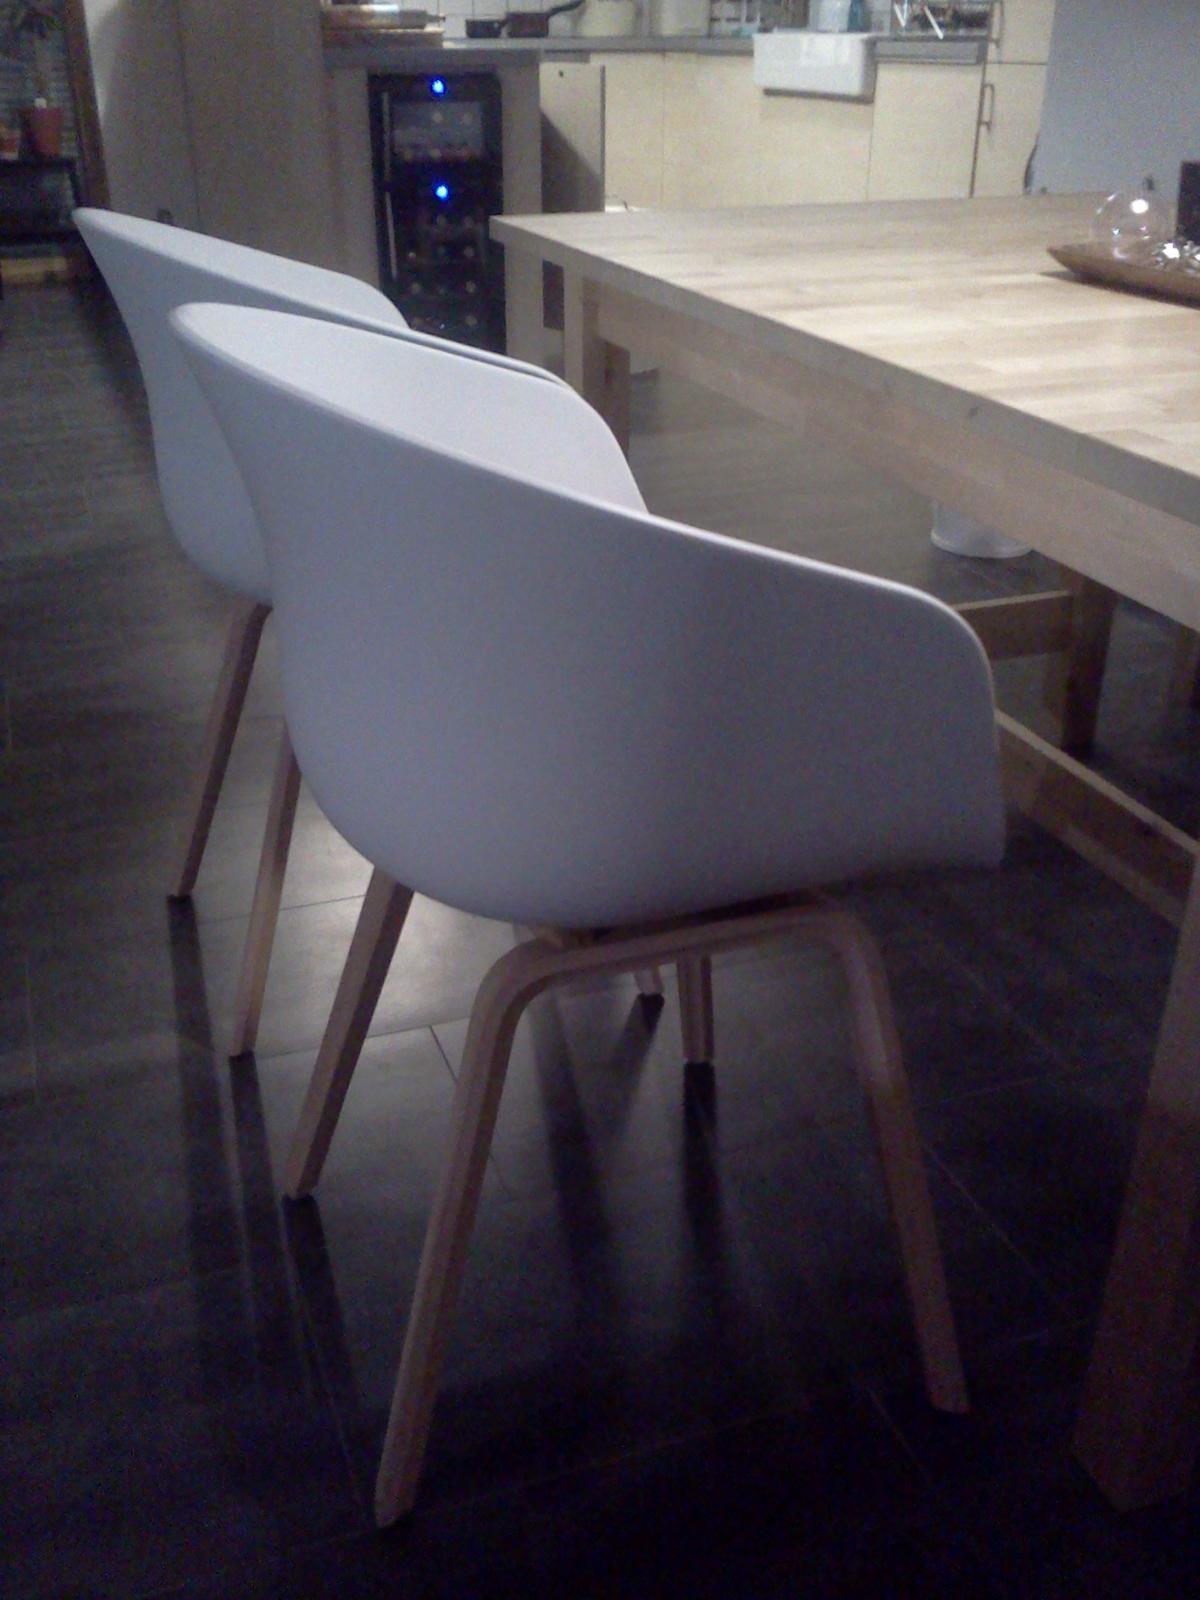 Domeček - hééééj, tak už mám konečně židle od HAY...